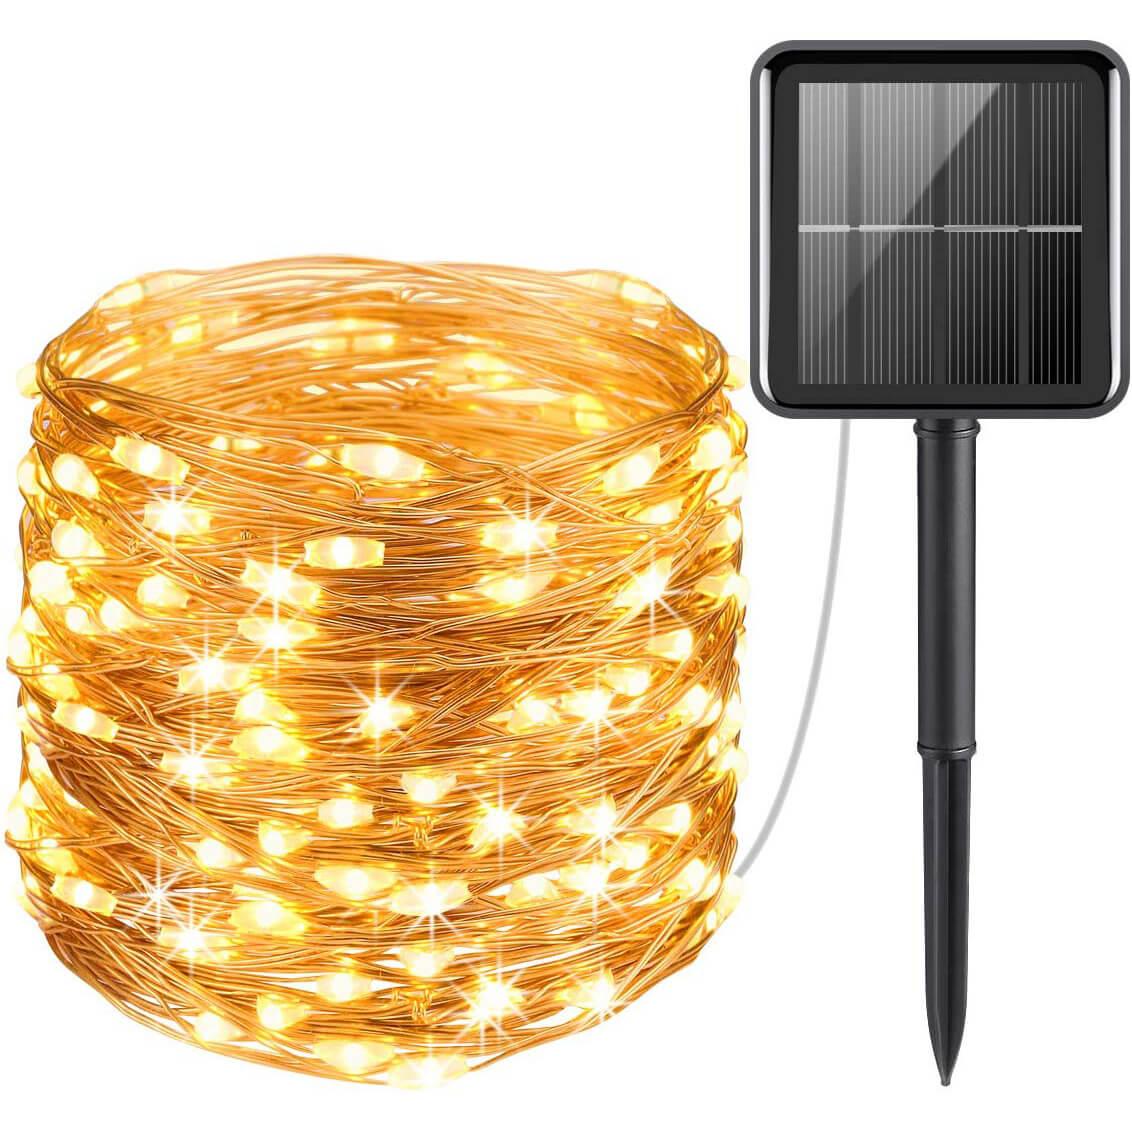 best solar string lights for 2021